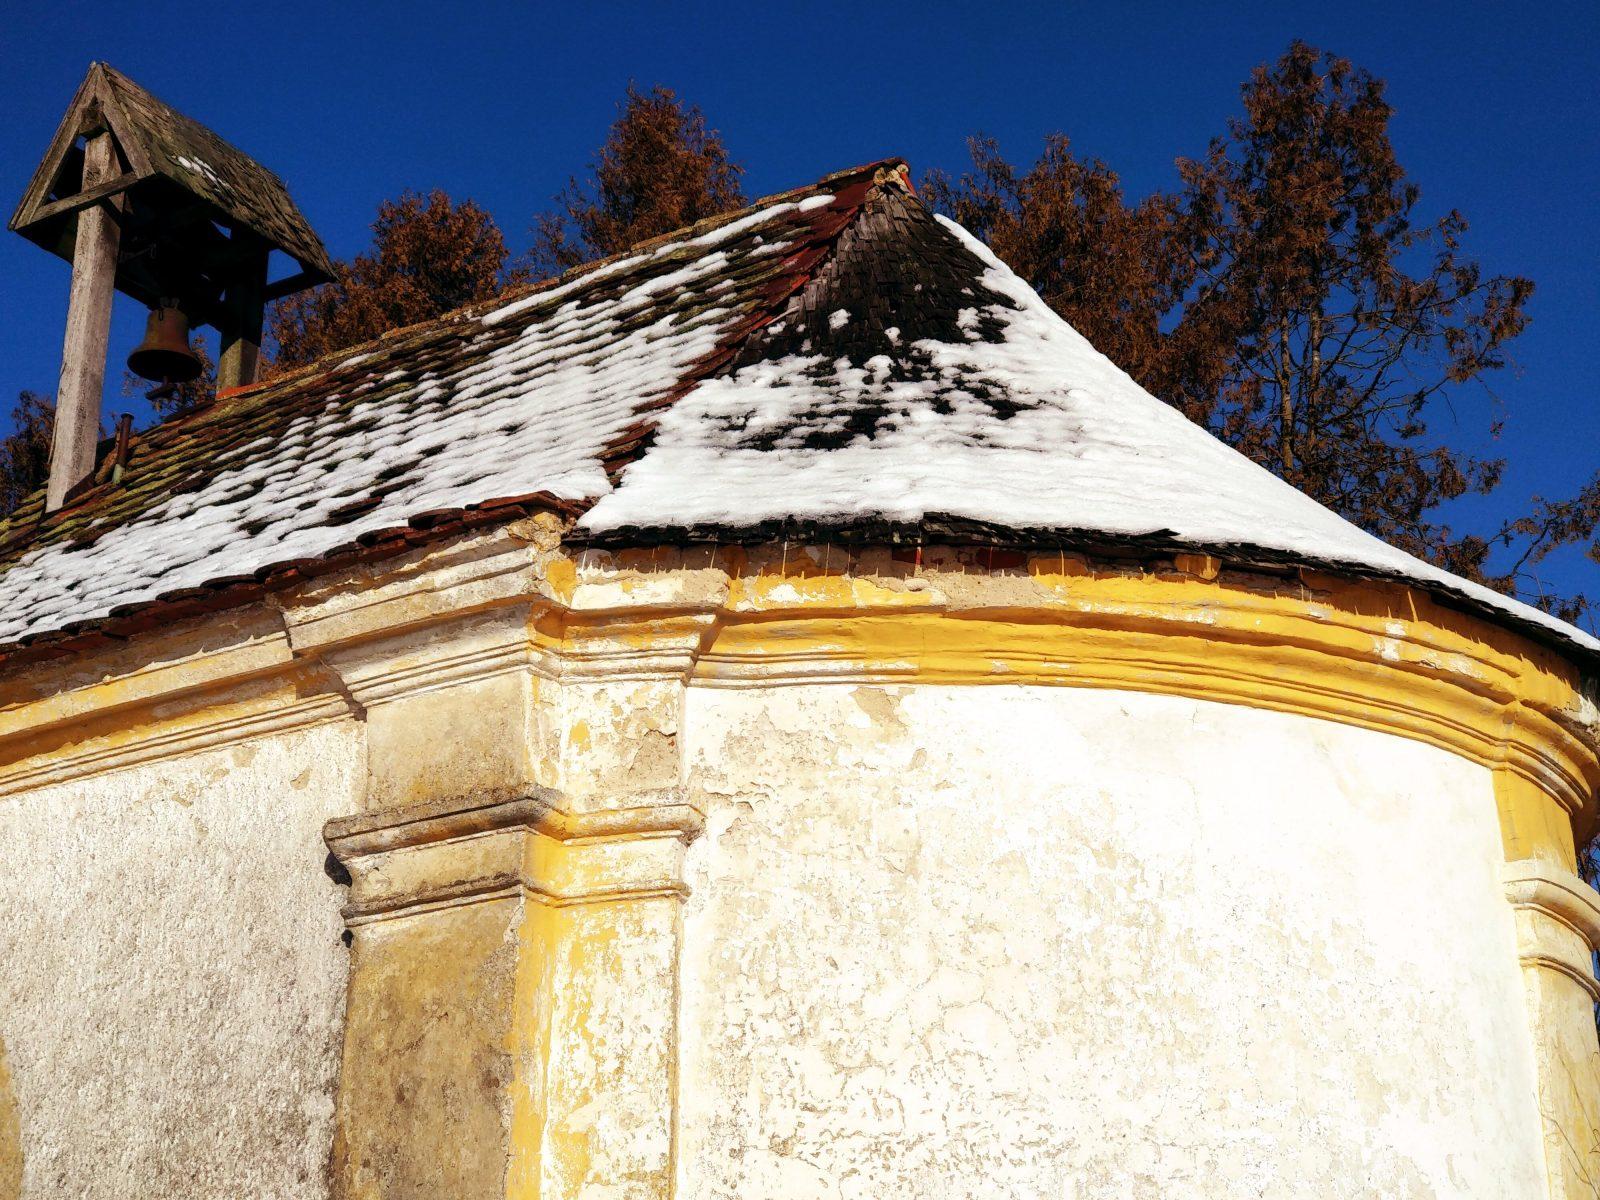 Alte Kapelle mit Glockenturm im Schnee.